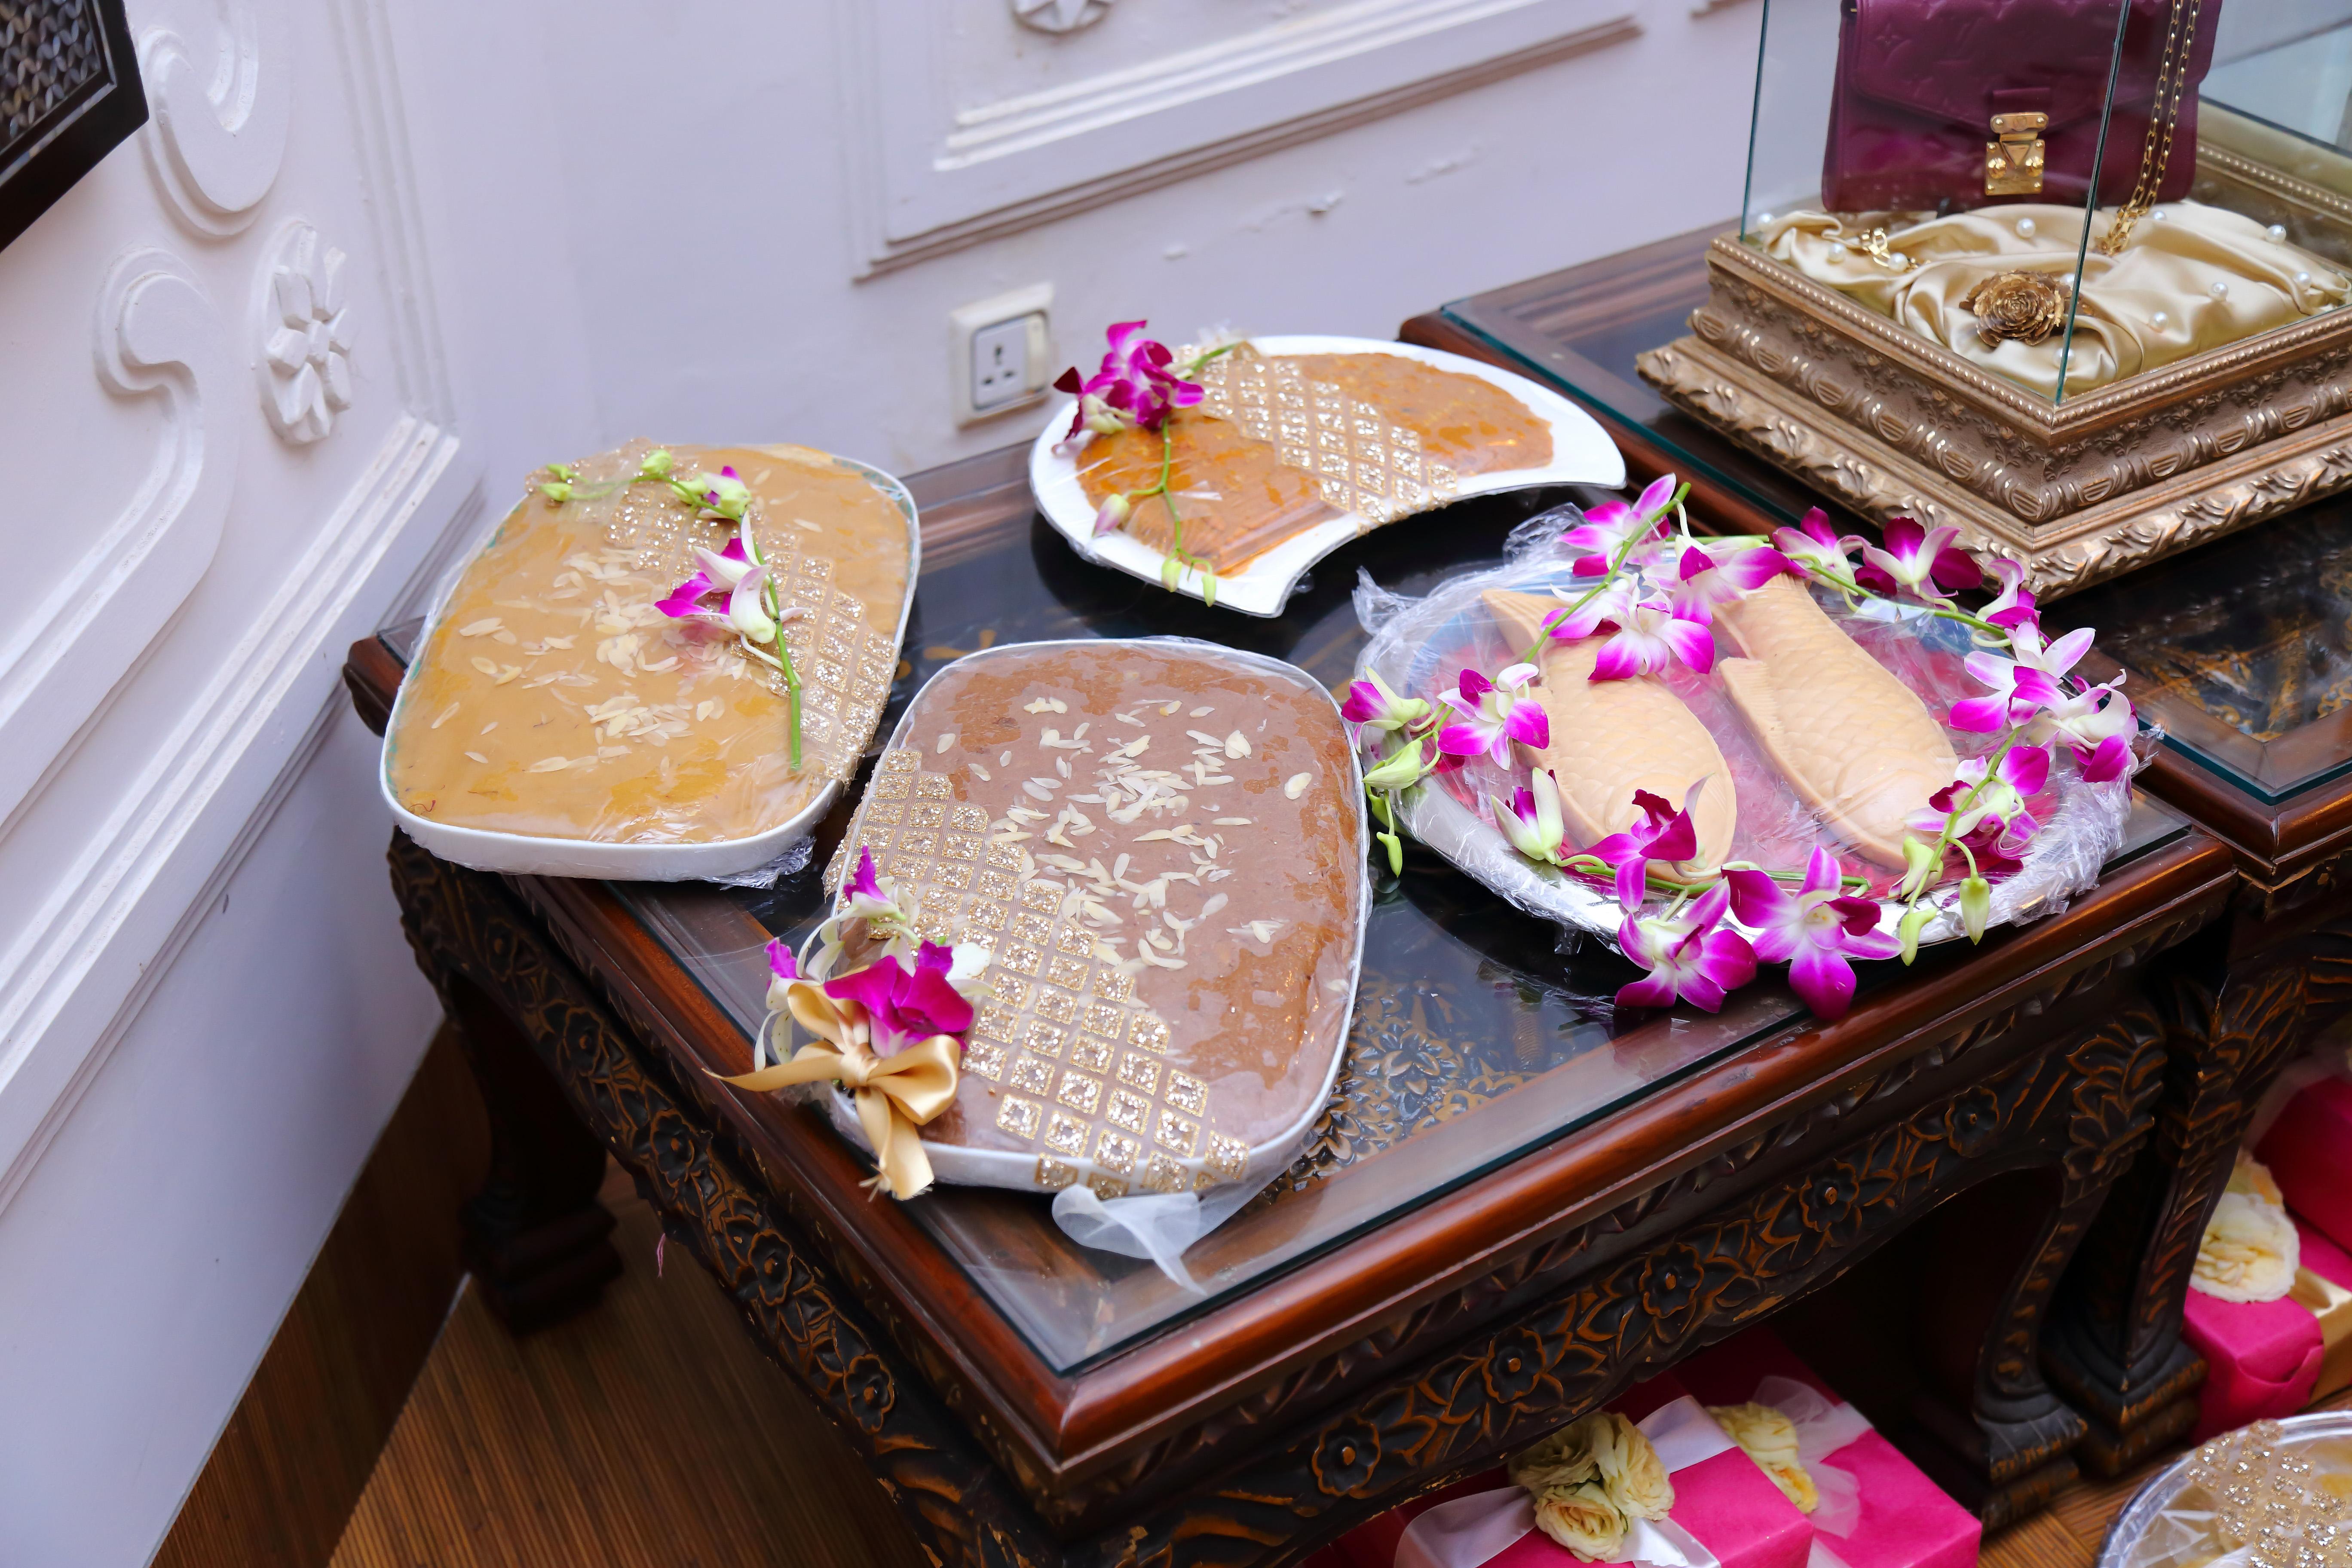 My bangladeshi wedding the engagement dalas gifts nabila my bangladeshi wedding the engagement dalas gifts nabila trends and traditions junglespirit Choice Image